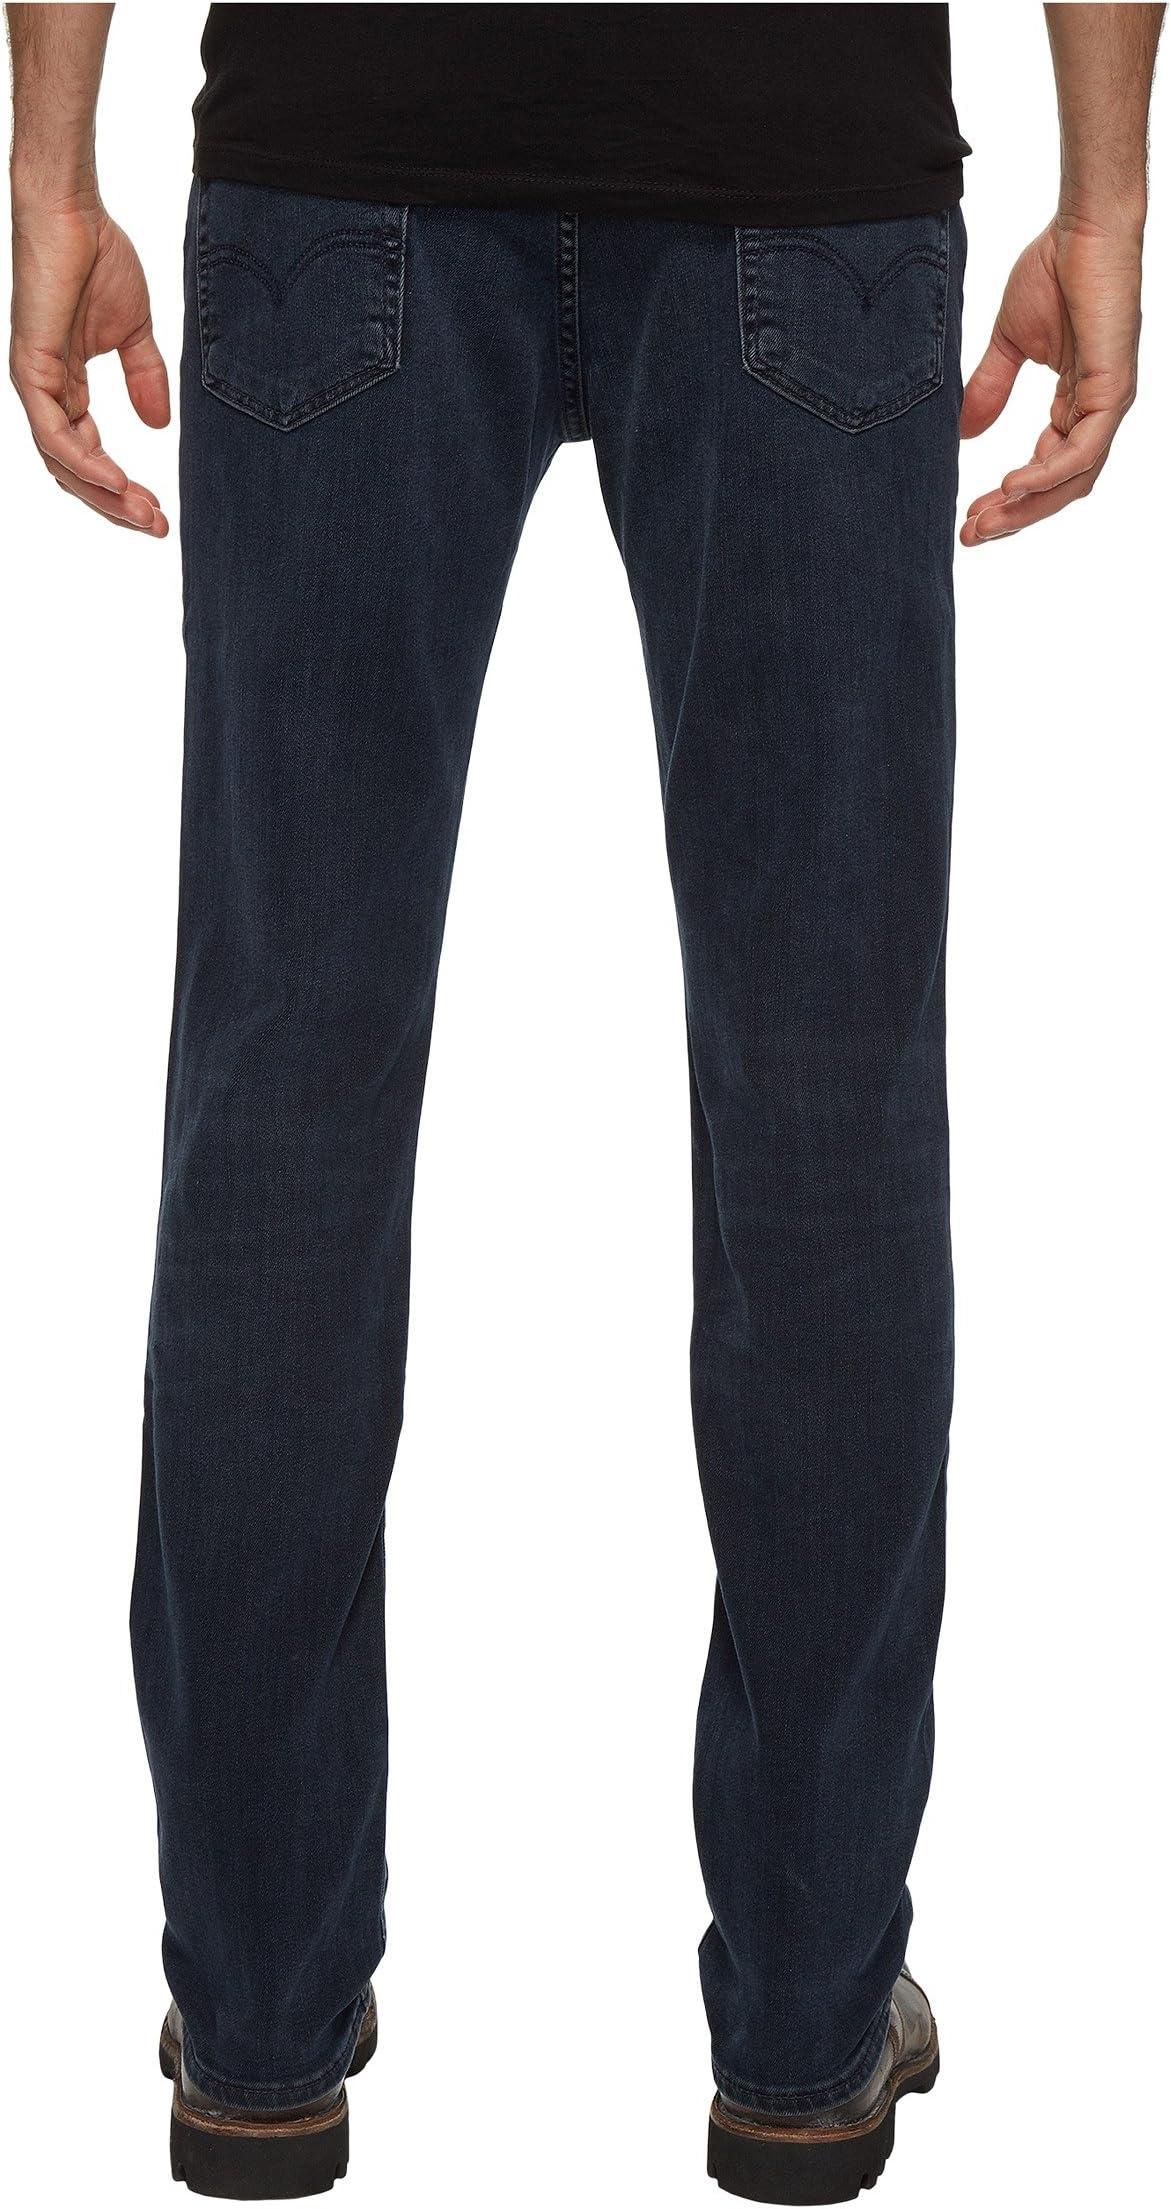 Levi's® Premium Premium 511 Slim Jeans 4ivUG